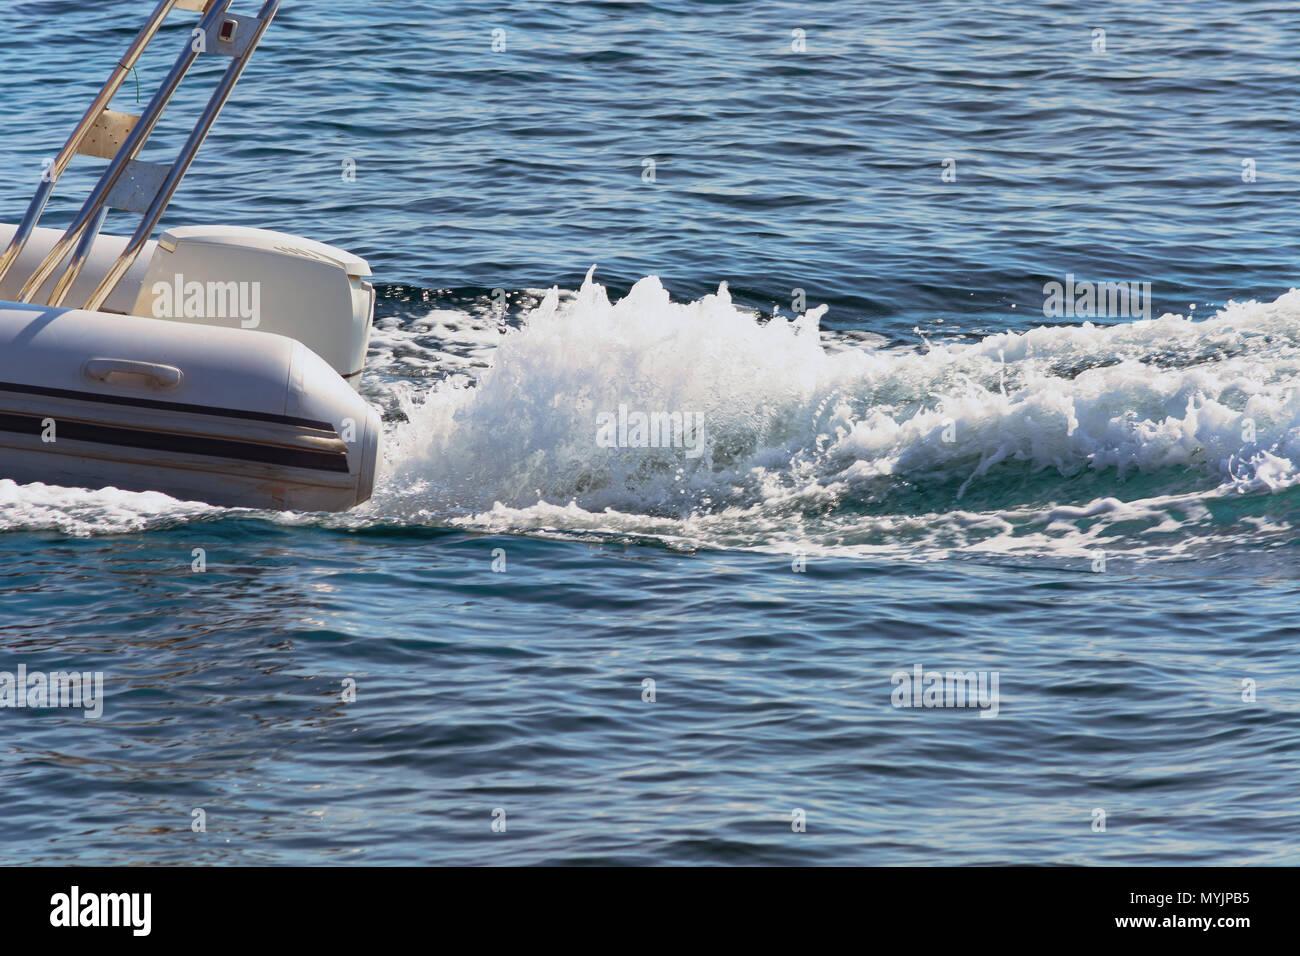 Schlauchboot mit Außenboard Motor in voller Fahrt Stock Photo